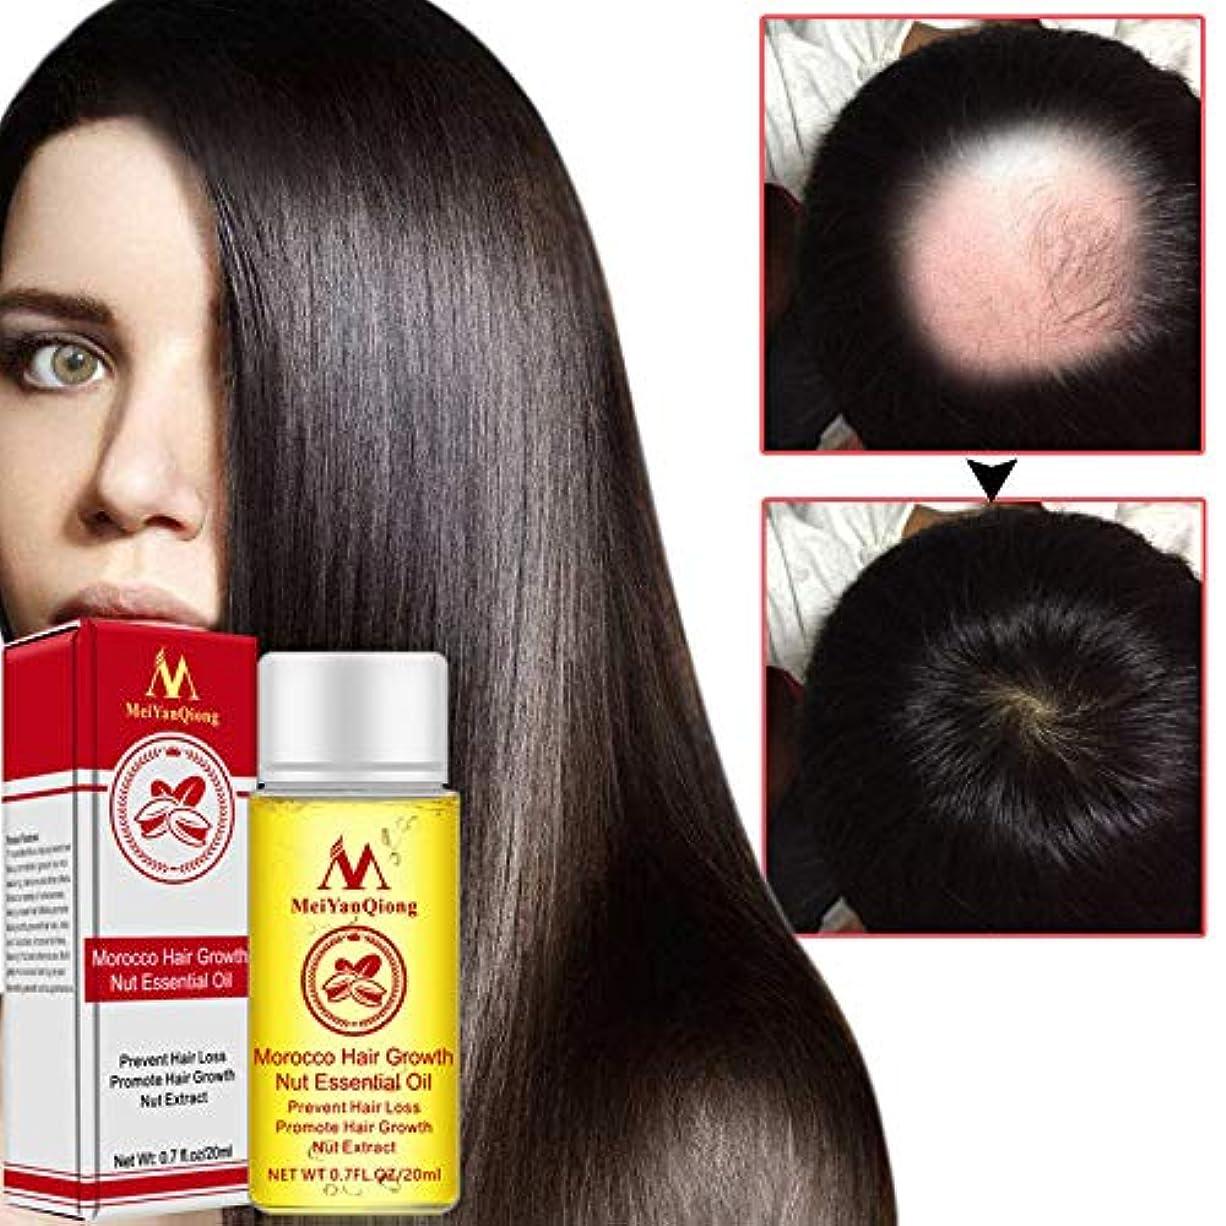 コールドサワー符号Symboat 女性用 男性用 ヘアケアエッセンシャルオイル 髪 やわらか なめらか しなやかさ 防止抜け毛 保湿 栄養補給